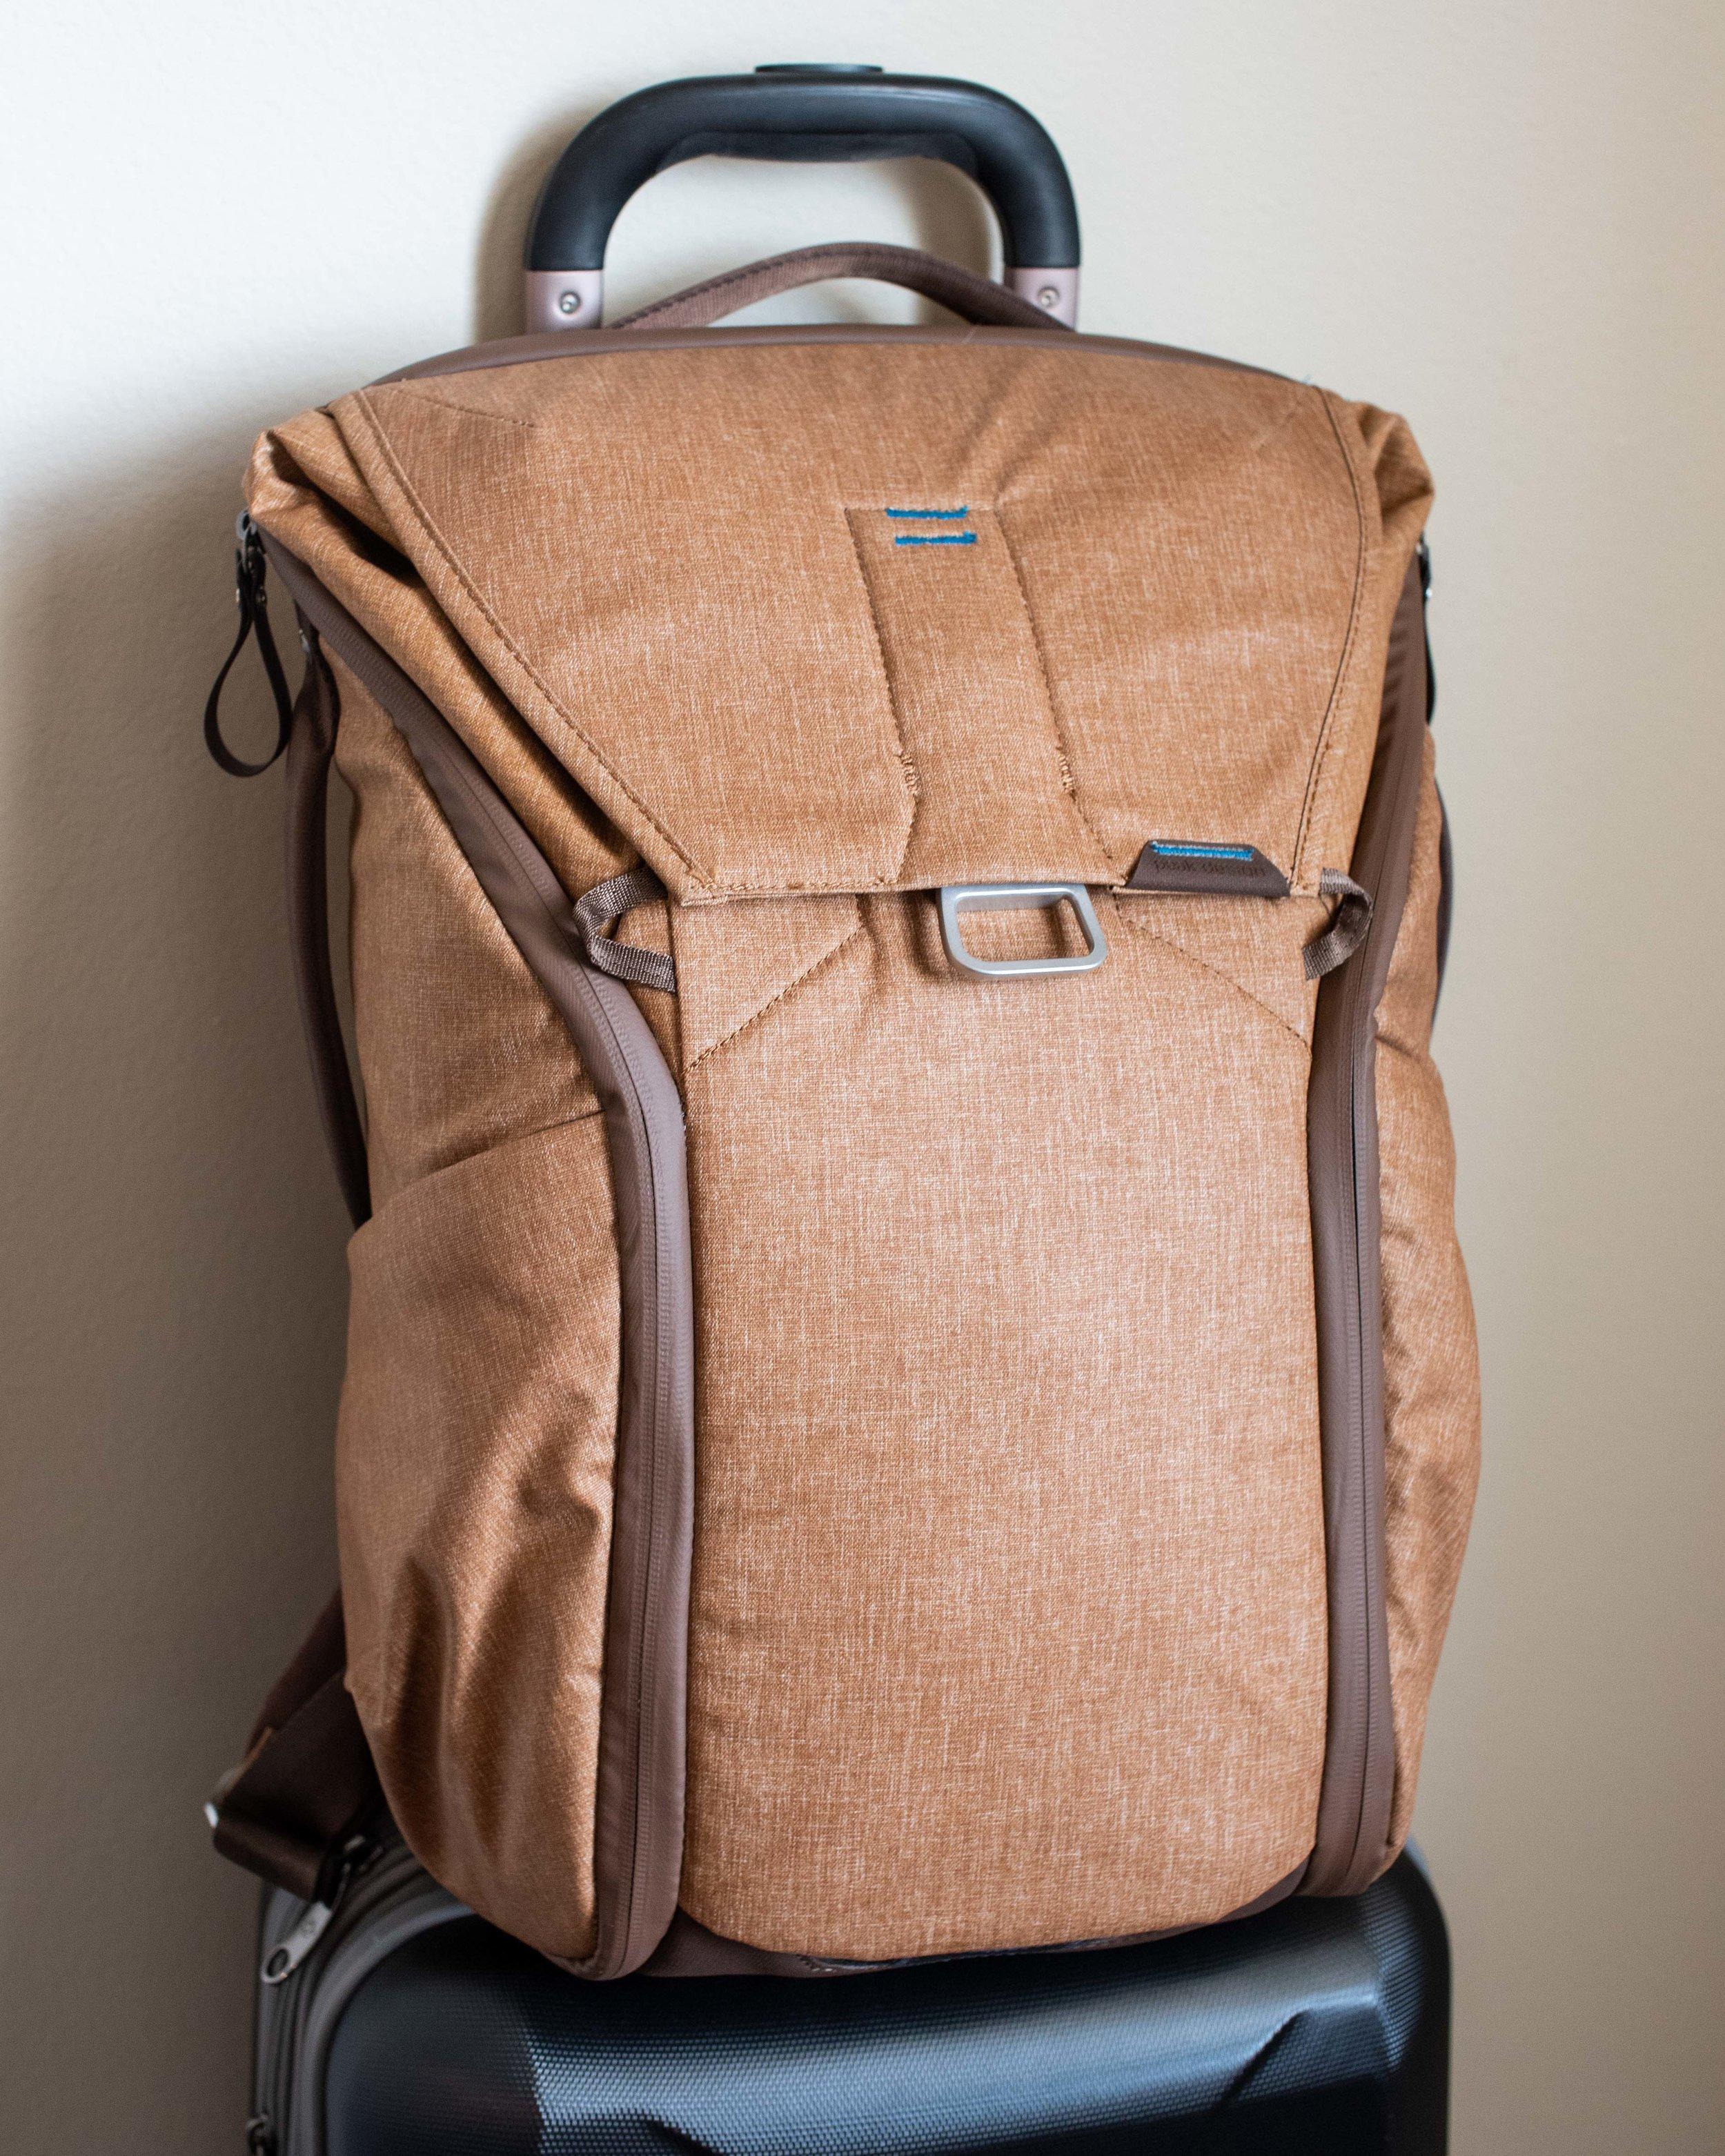 The  Peak Design 20L Backpack